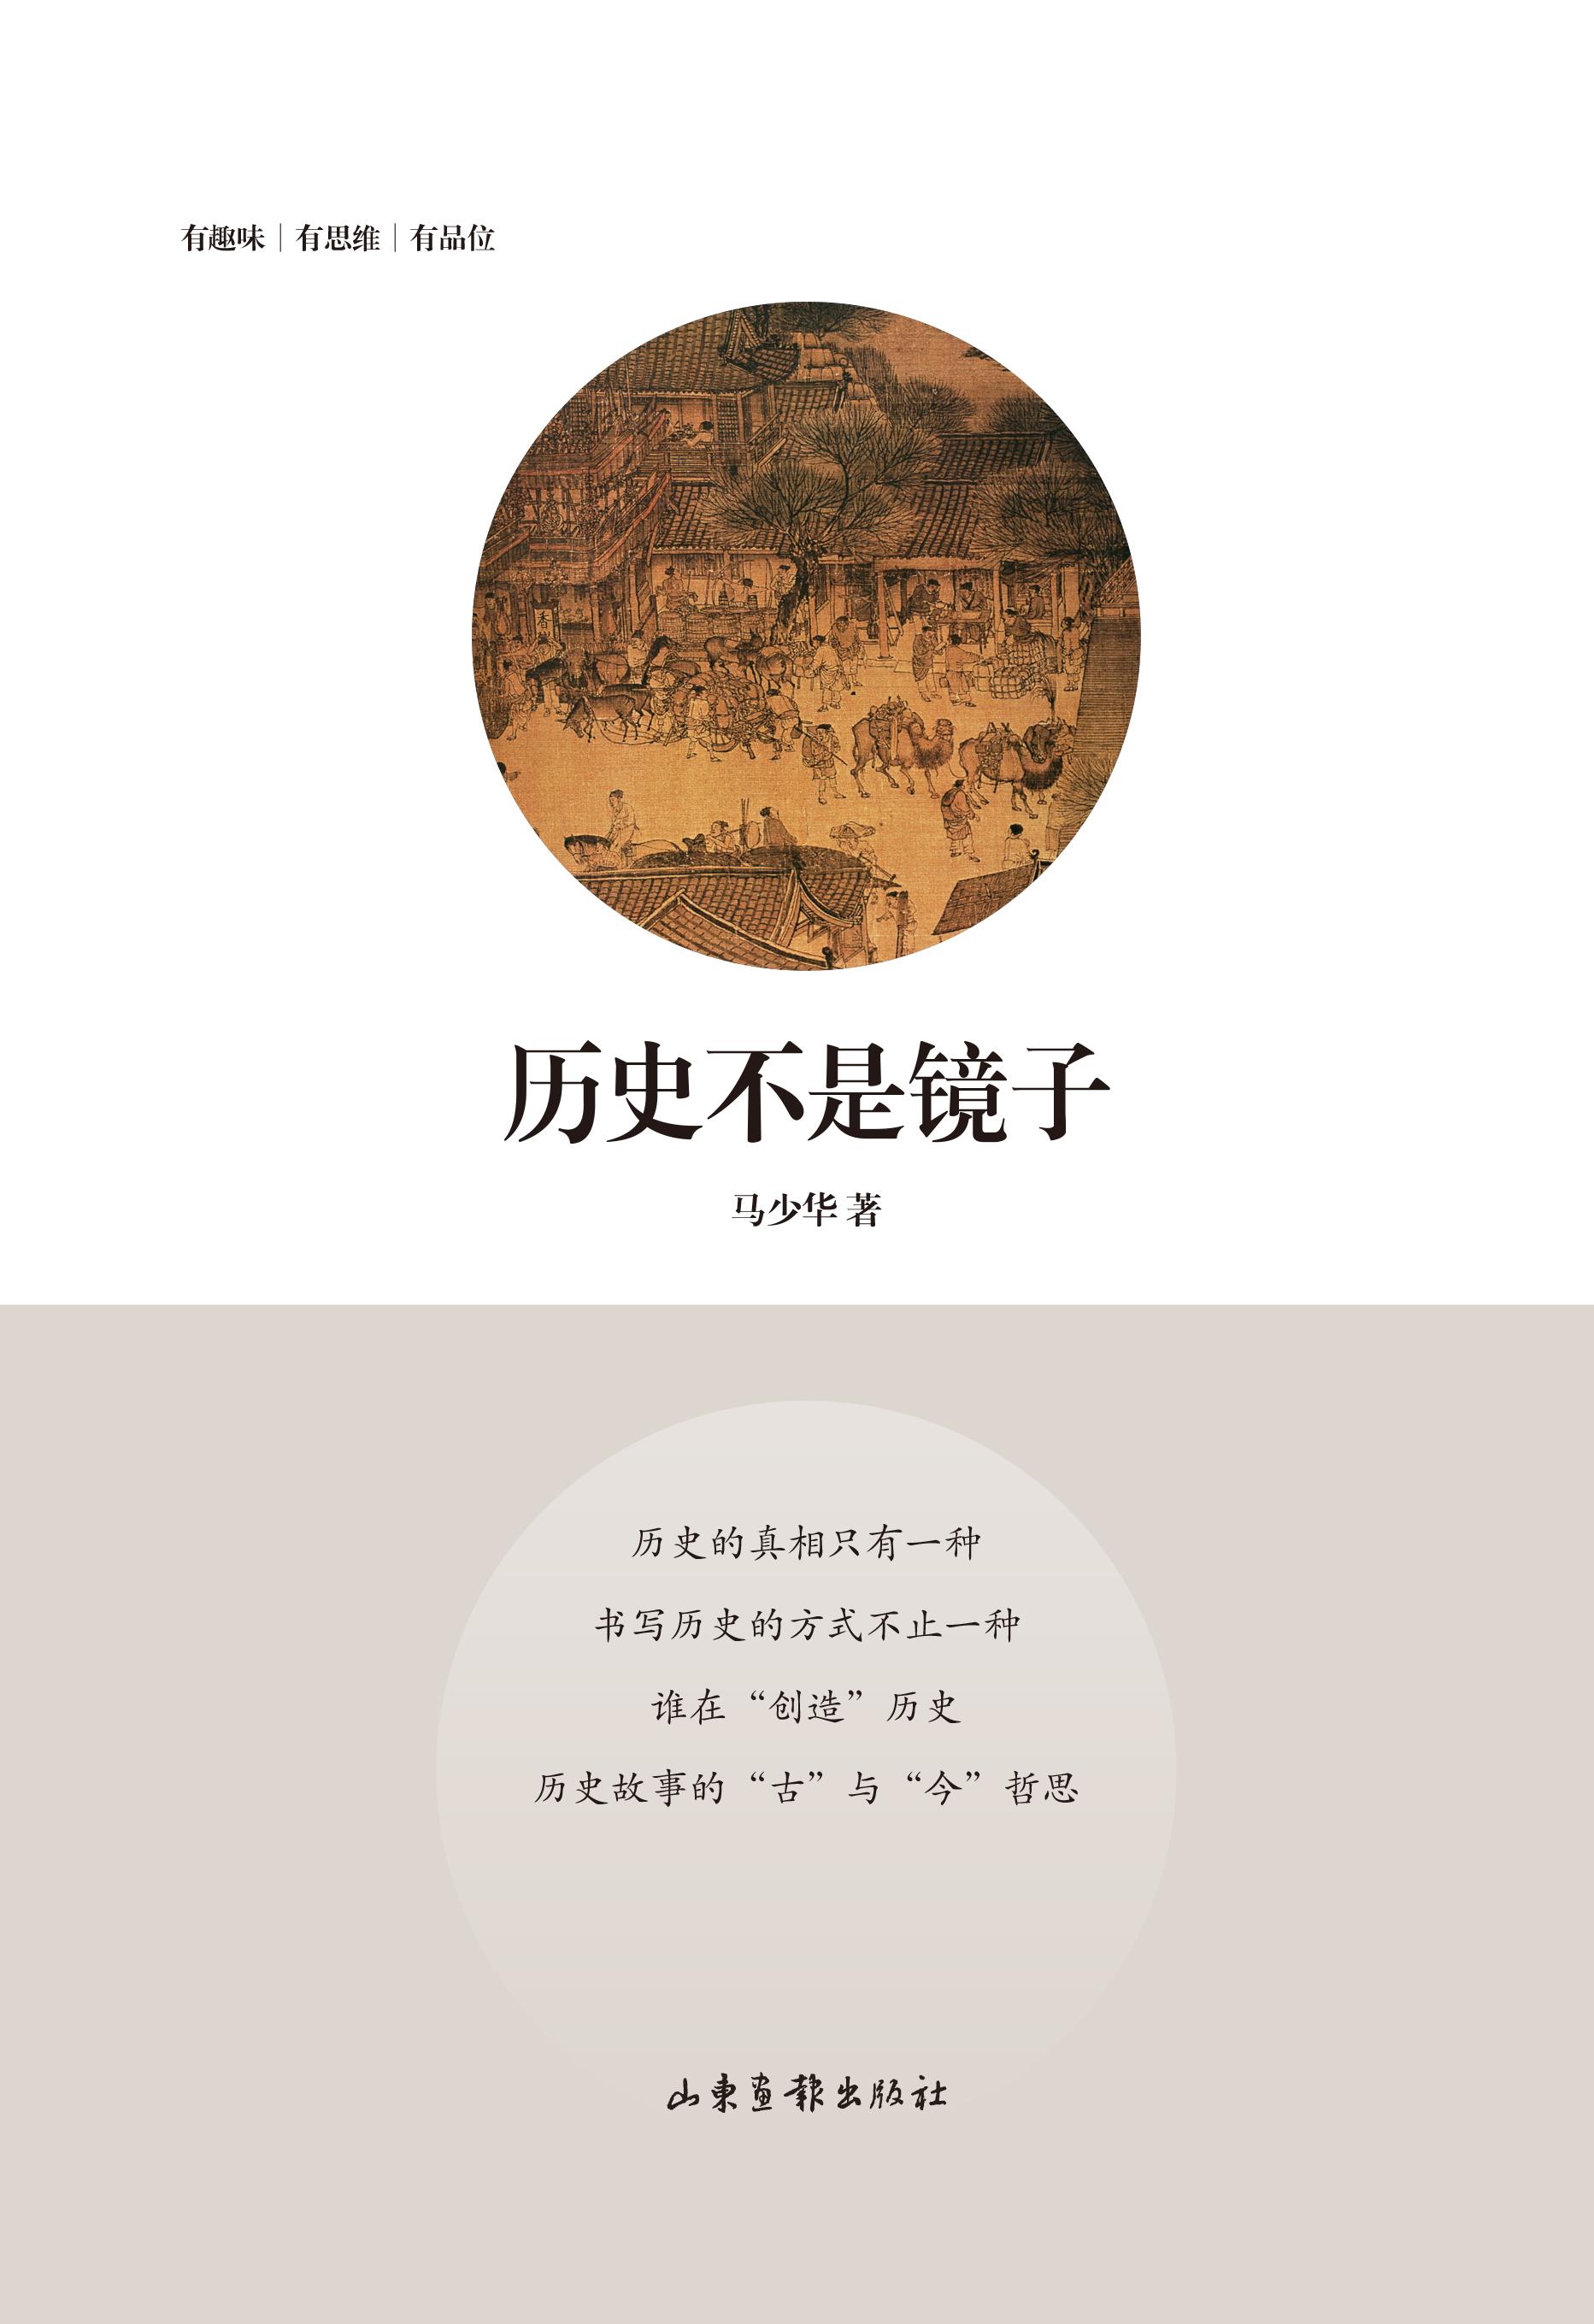 meishubao/2018022611173885577.jpg